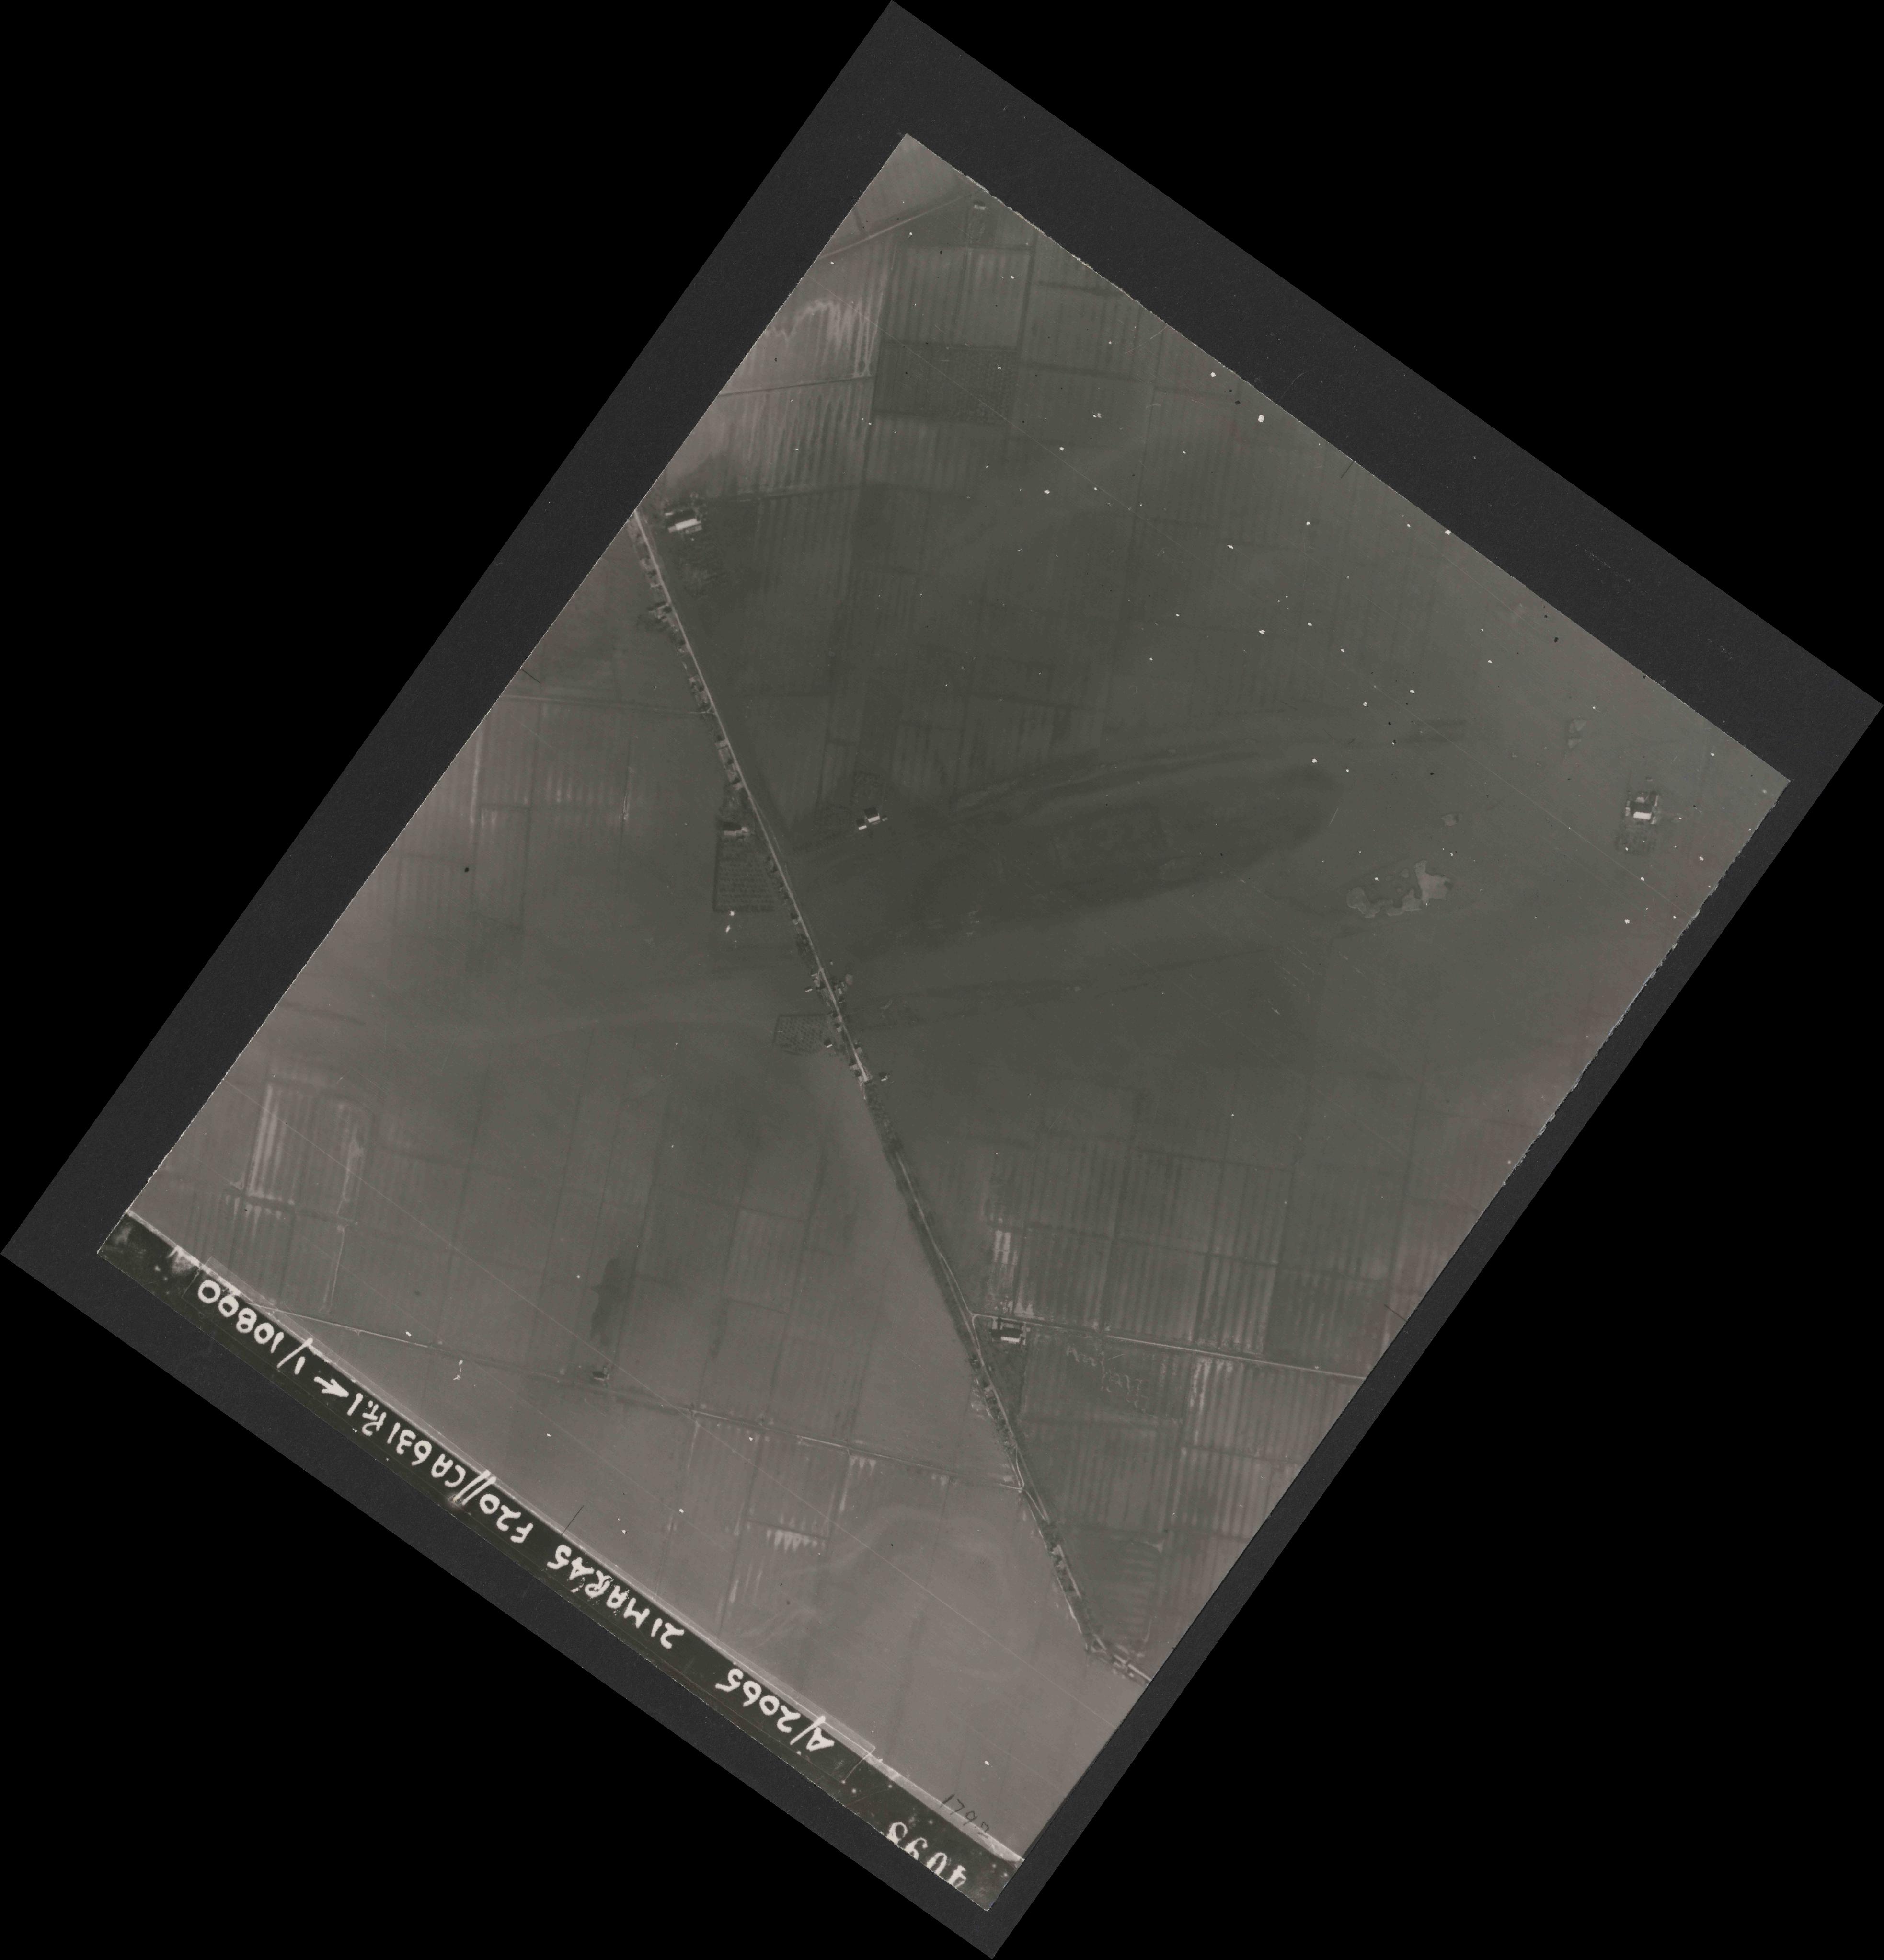 Collection RAF aerial photos 1940-1945 - flight 308, run 06, photo 4098